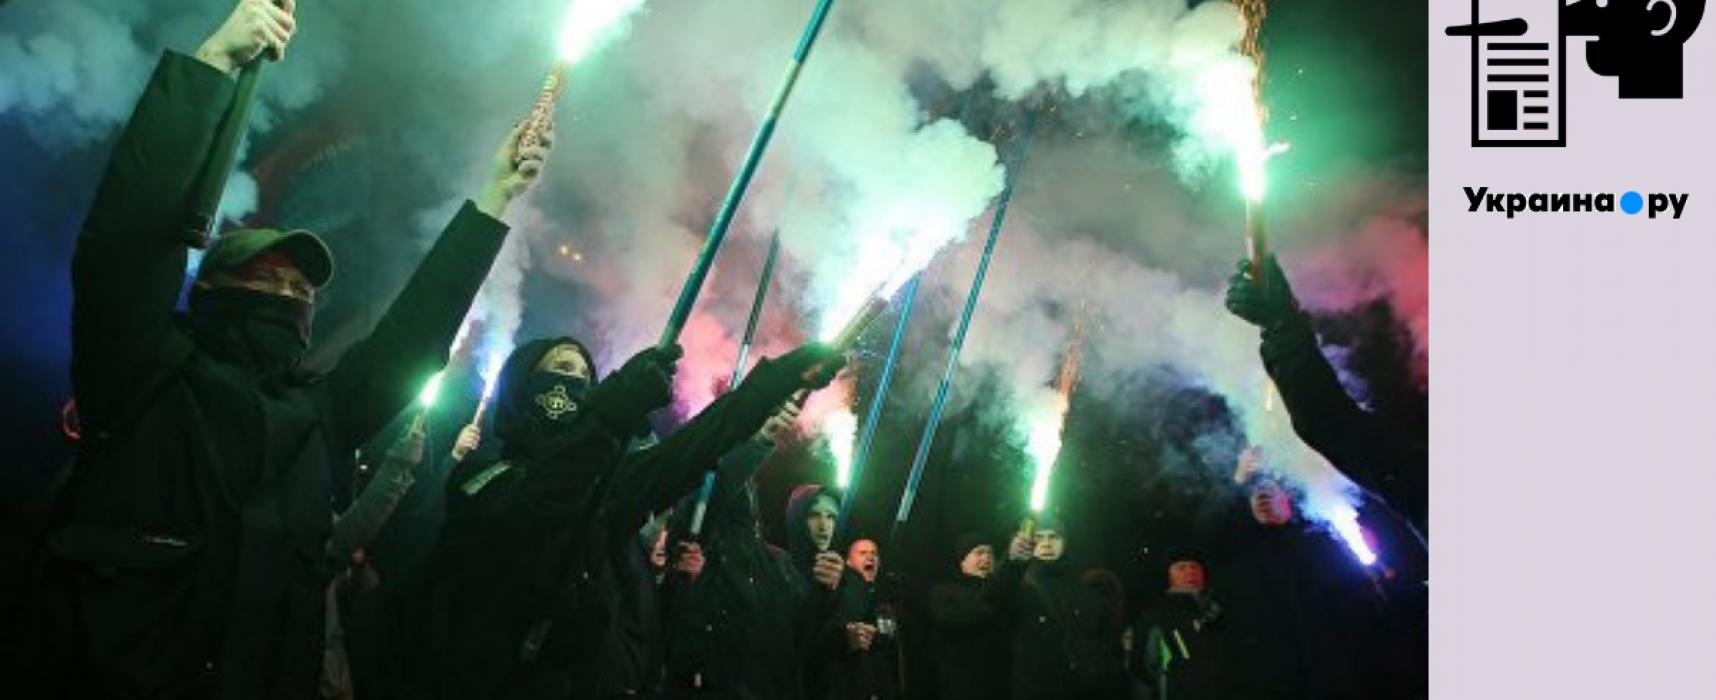 Fake: Ukraine to Punish Speakers who Refuse to Use Ukrainian